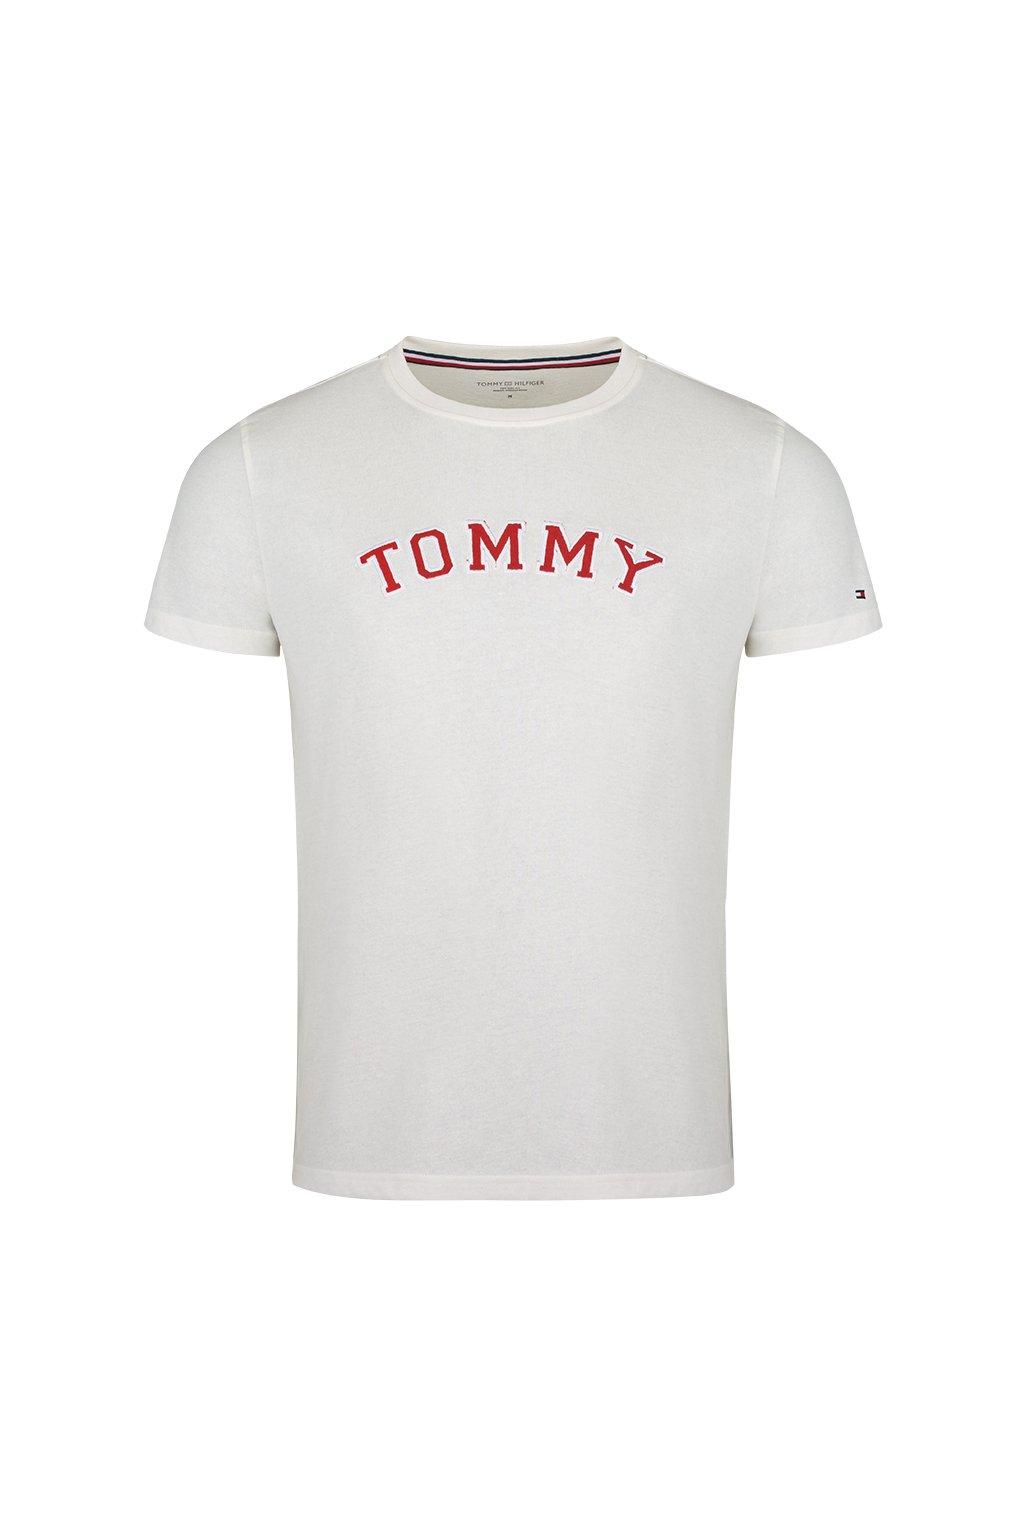 Tommy Hilfiger Tričko pánské - bílé